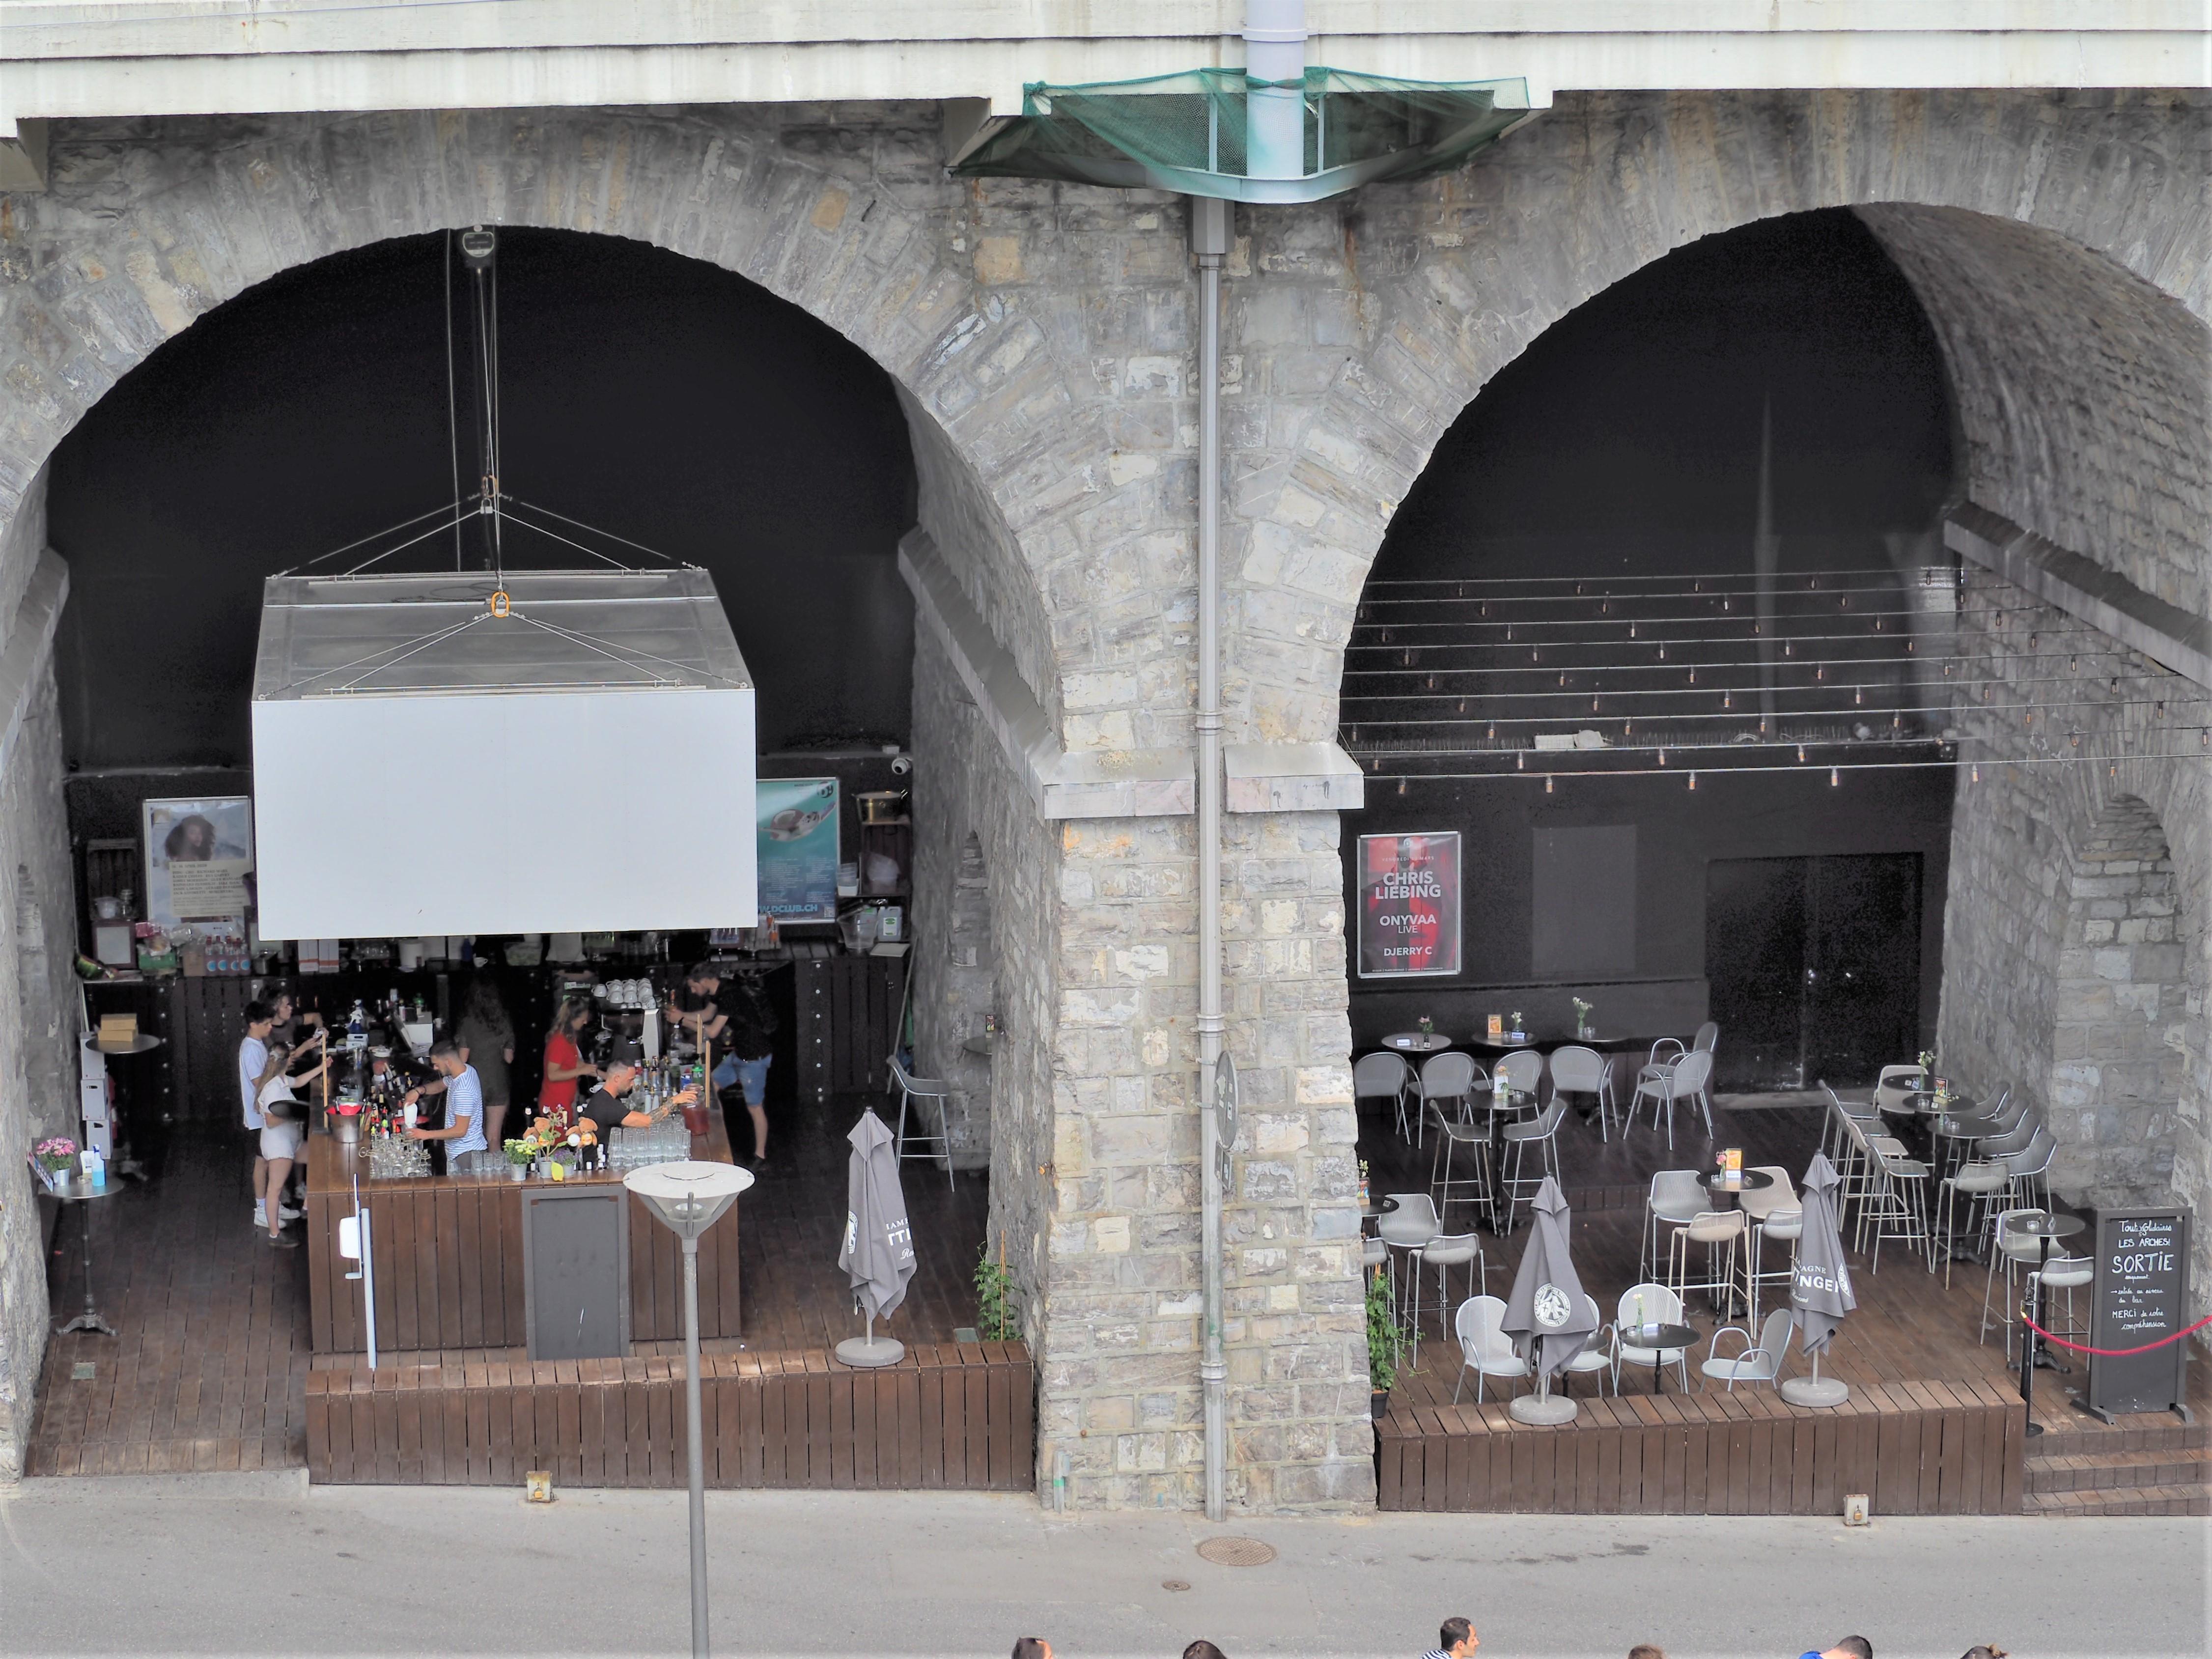 quartier du flon bar Lausanne Suisse voyage clioandco